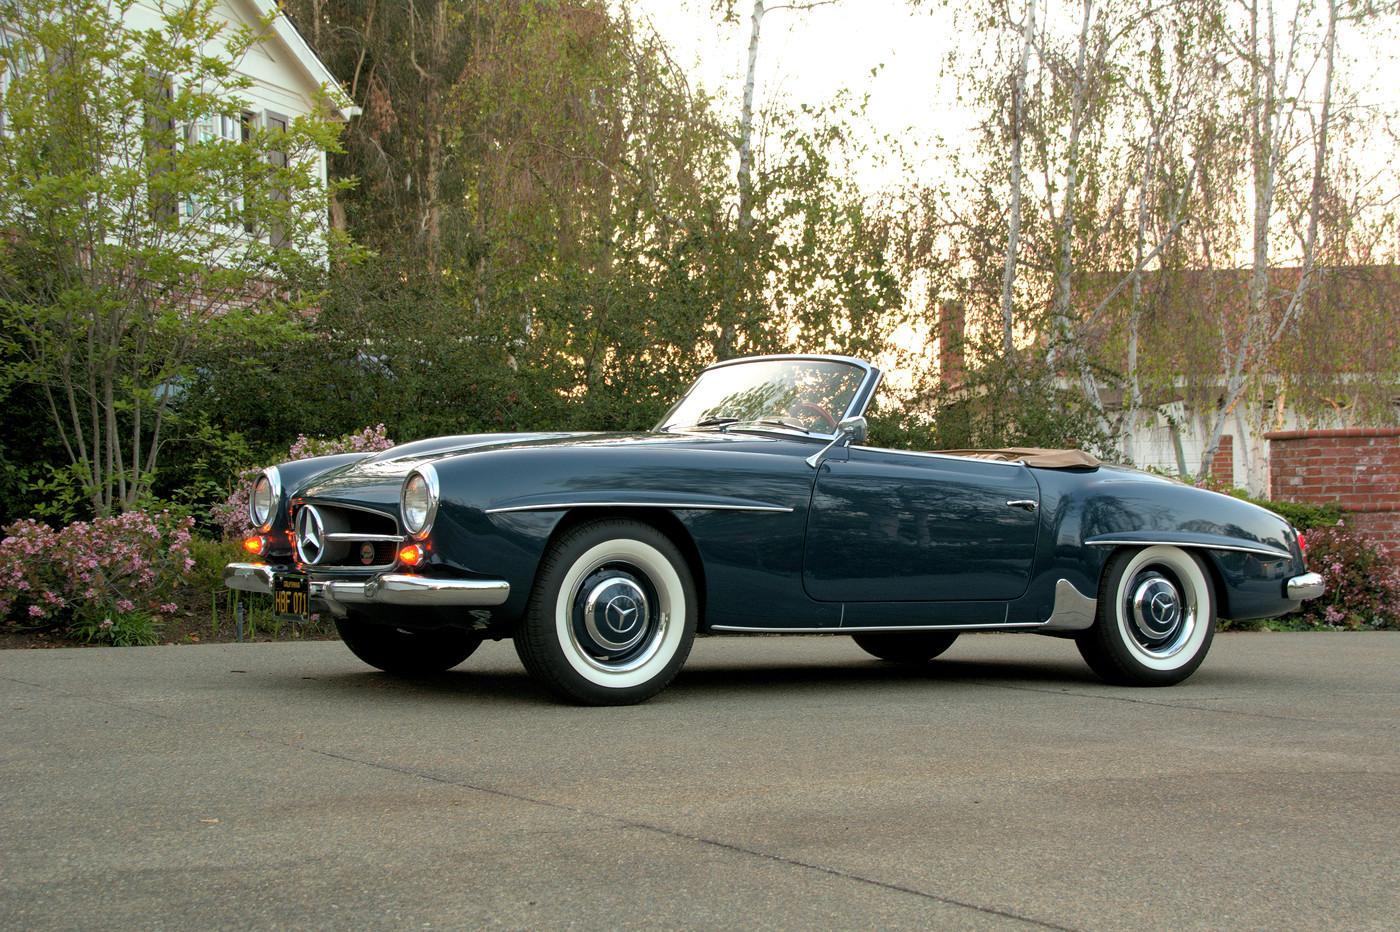 DSC 1961 -1